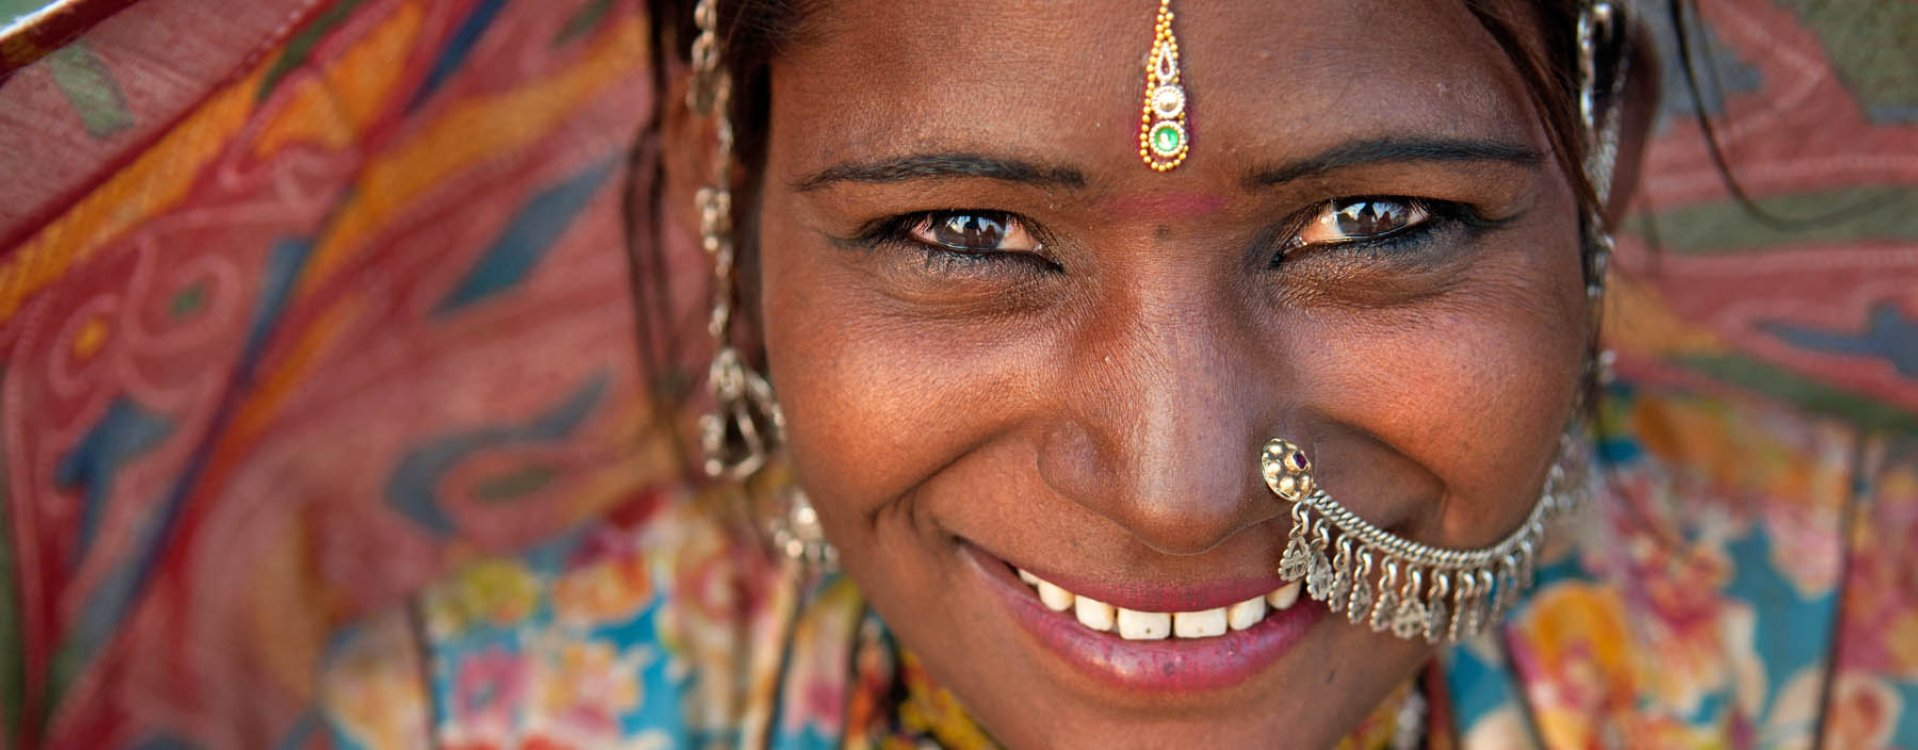 Vrouw uit Rajasthan